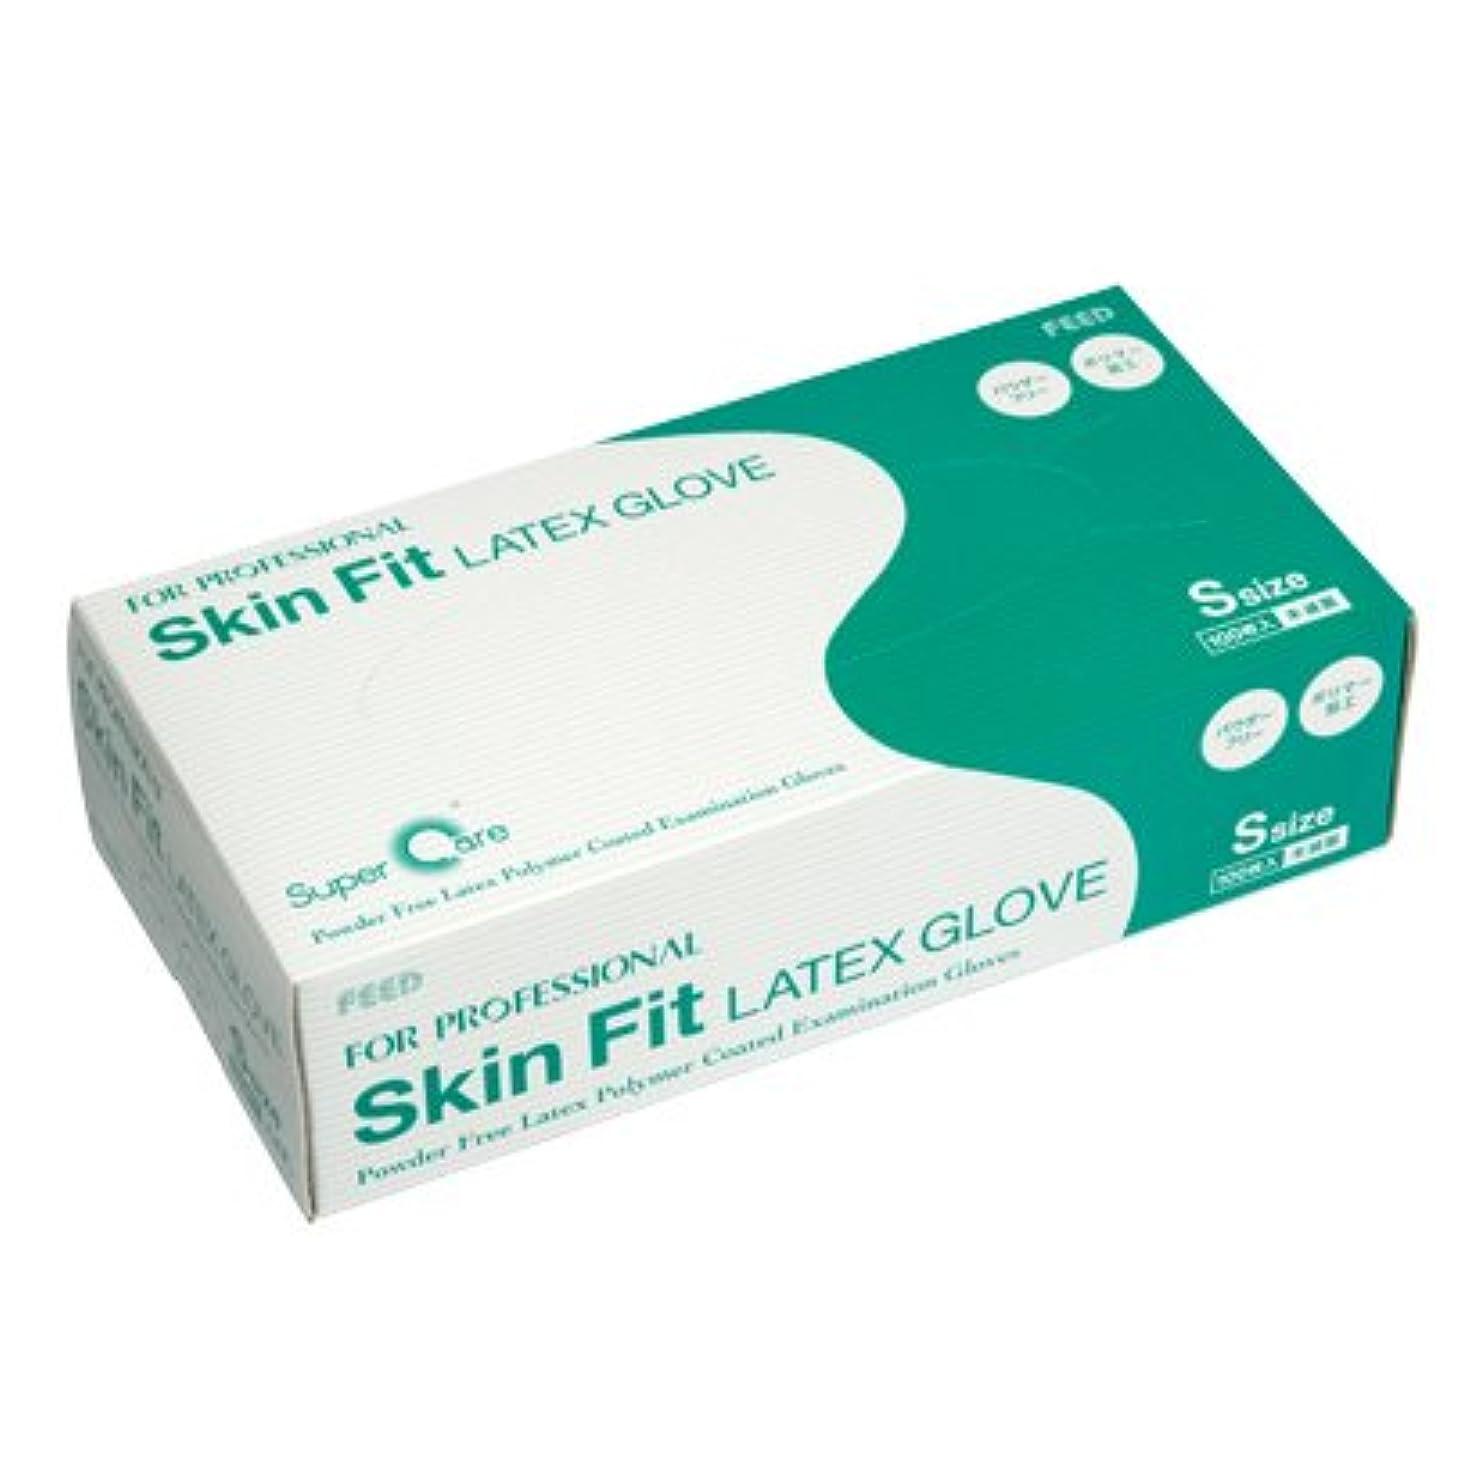 章製造業神のFEED(フィード) Skin Fit ラテックスグローブ パウダーフリー ポリマー加工 S カートン(100枚入×10ケース) (医療機器)